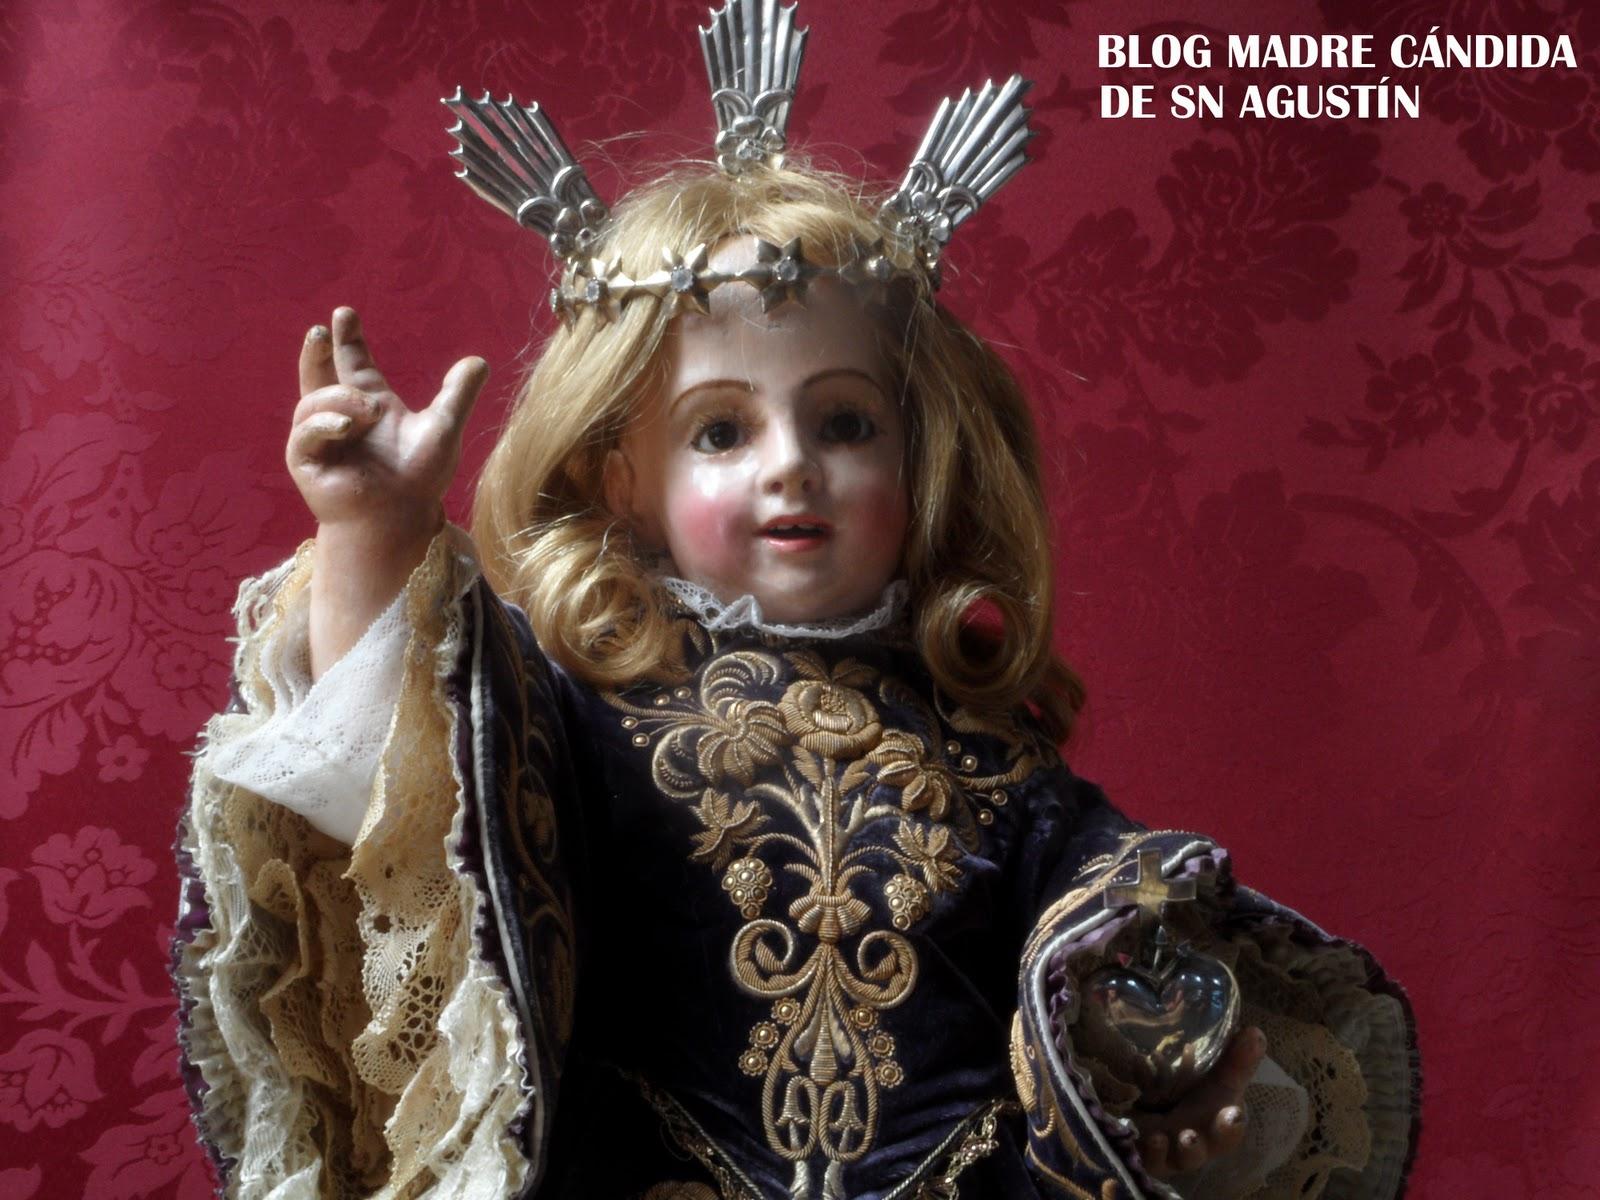 Orden de San Agustin